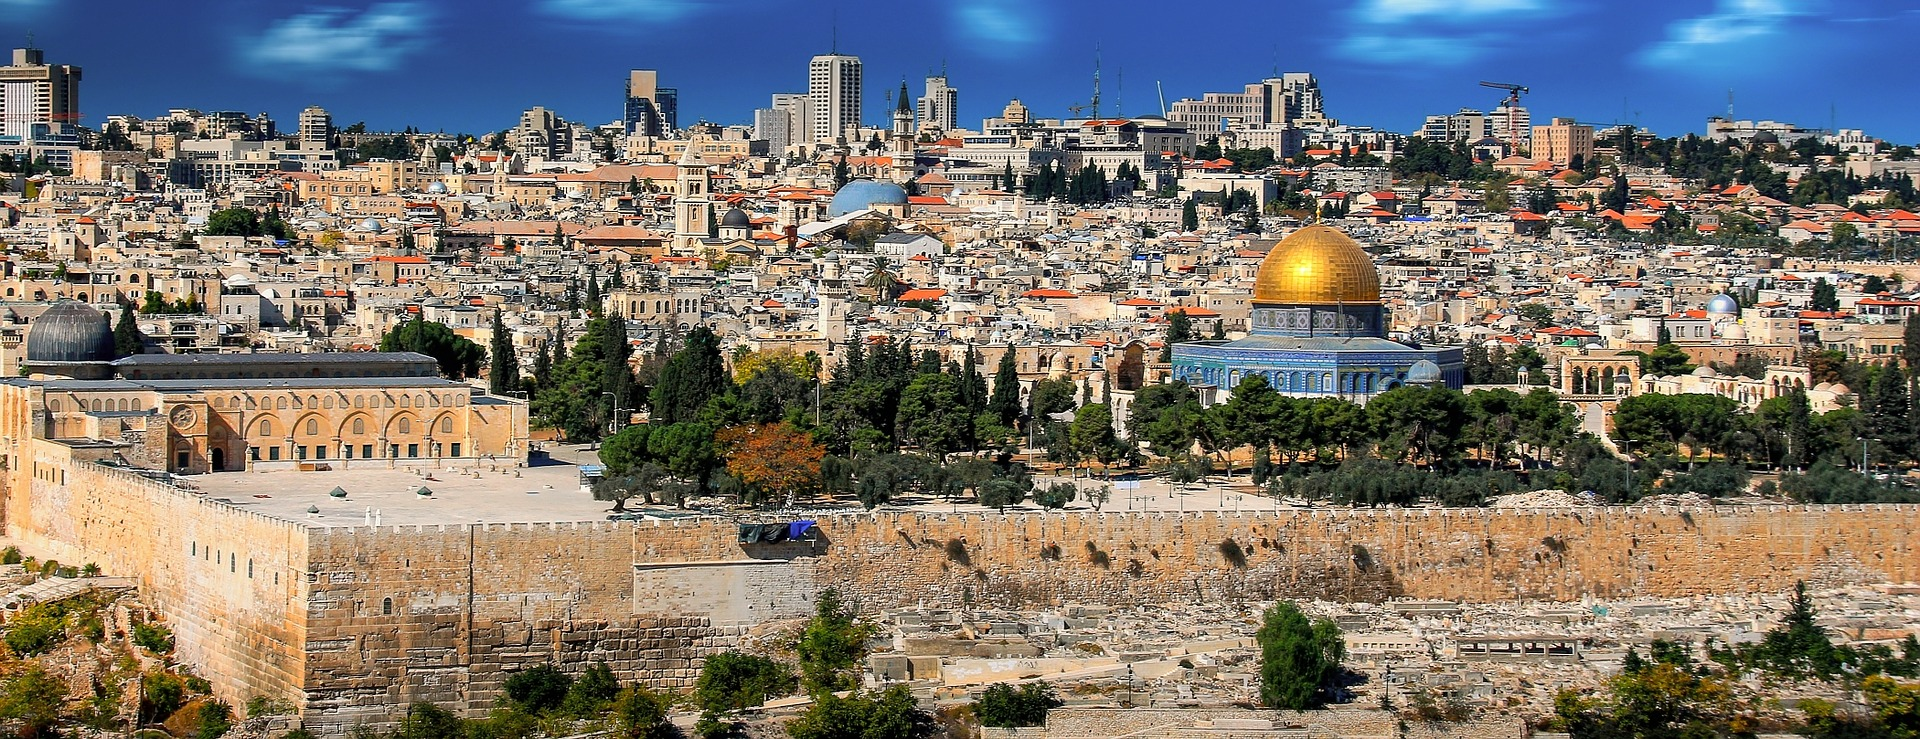 Über die Reise nach Jerusalem und den Rest der Welt.